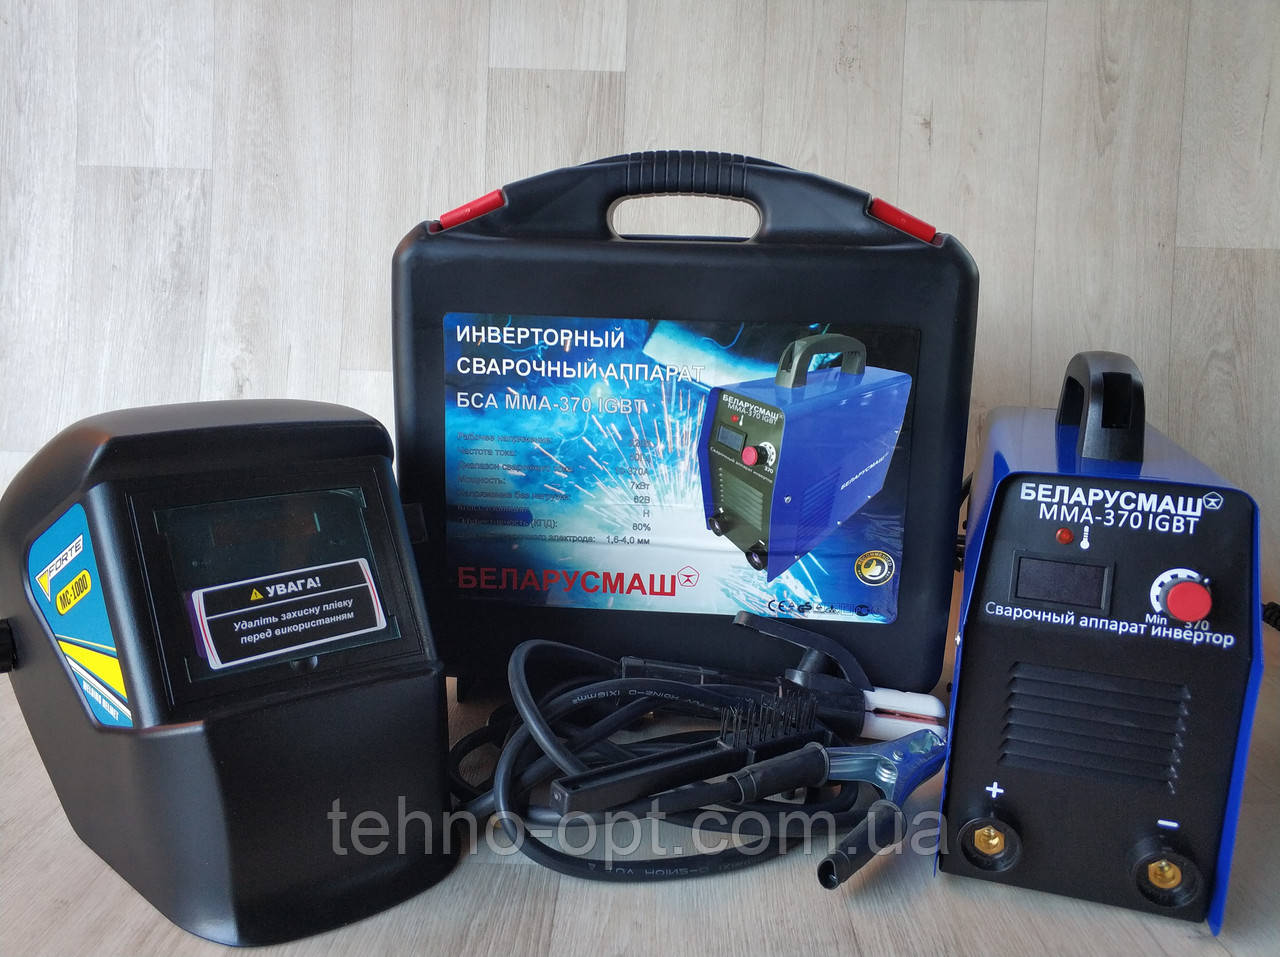 Сварка инверторная Беларусмаш БСА ММА-370 IGBT В КЕЙСЕ сварочный аппарат +Маска хамелеон Forte MC-1000